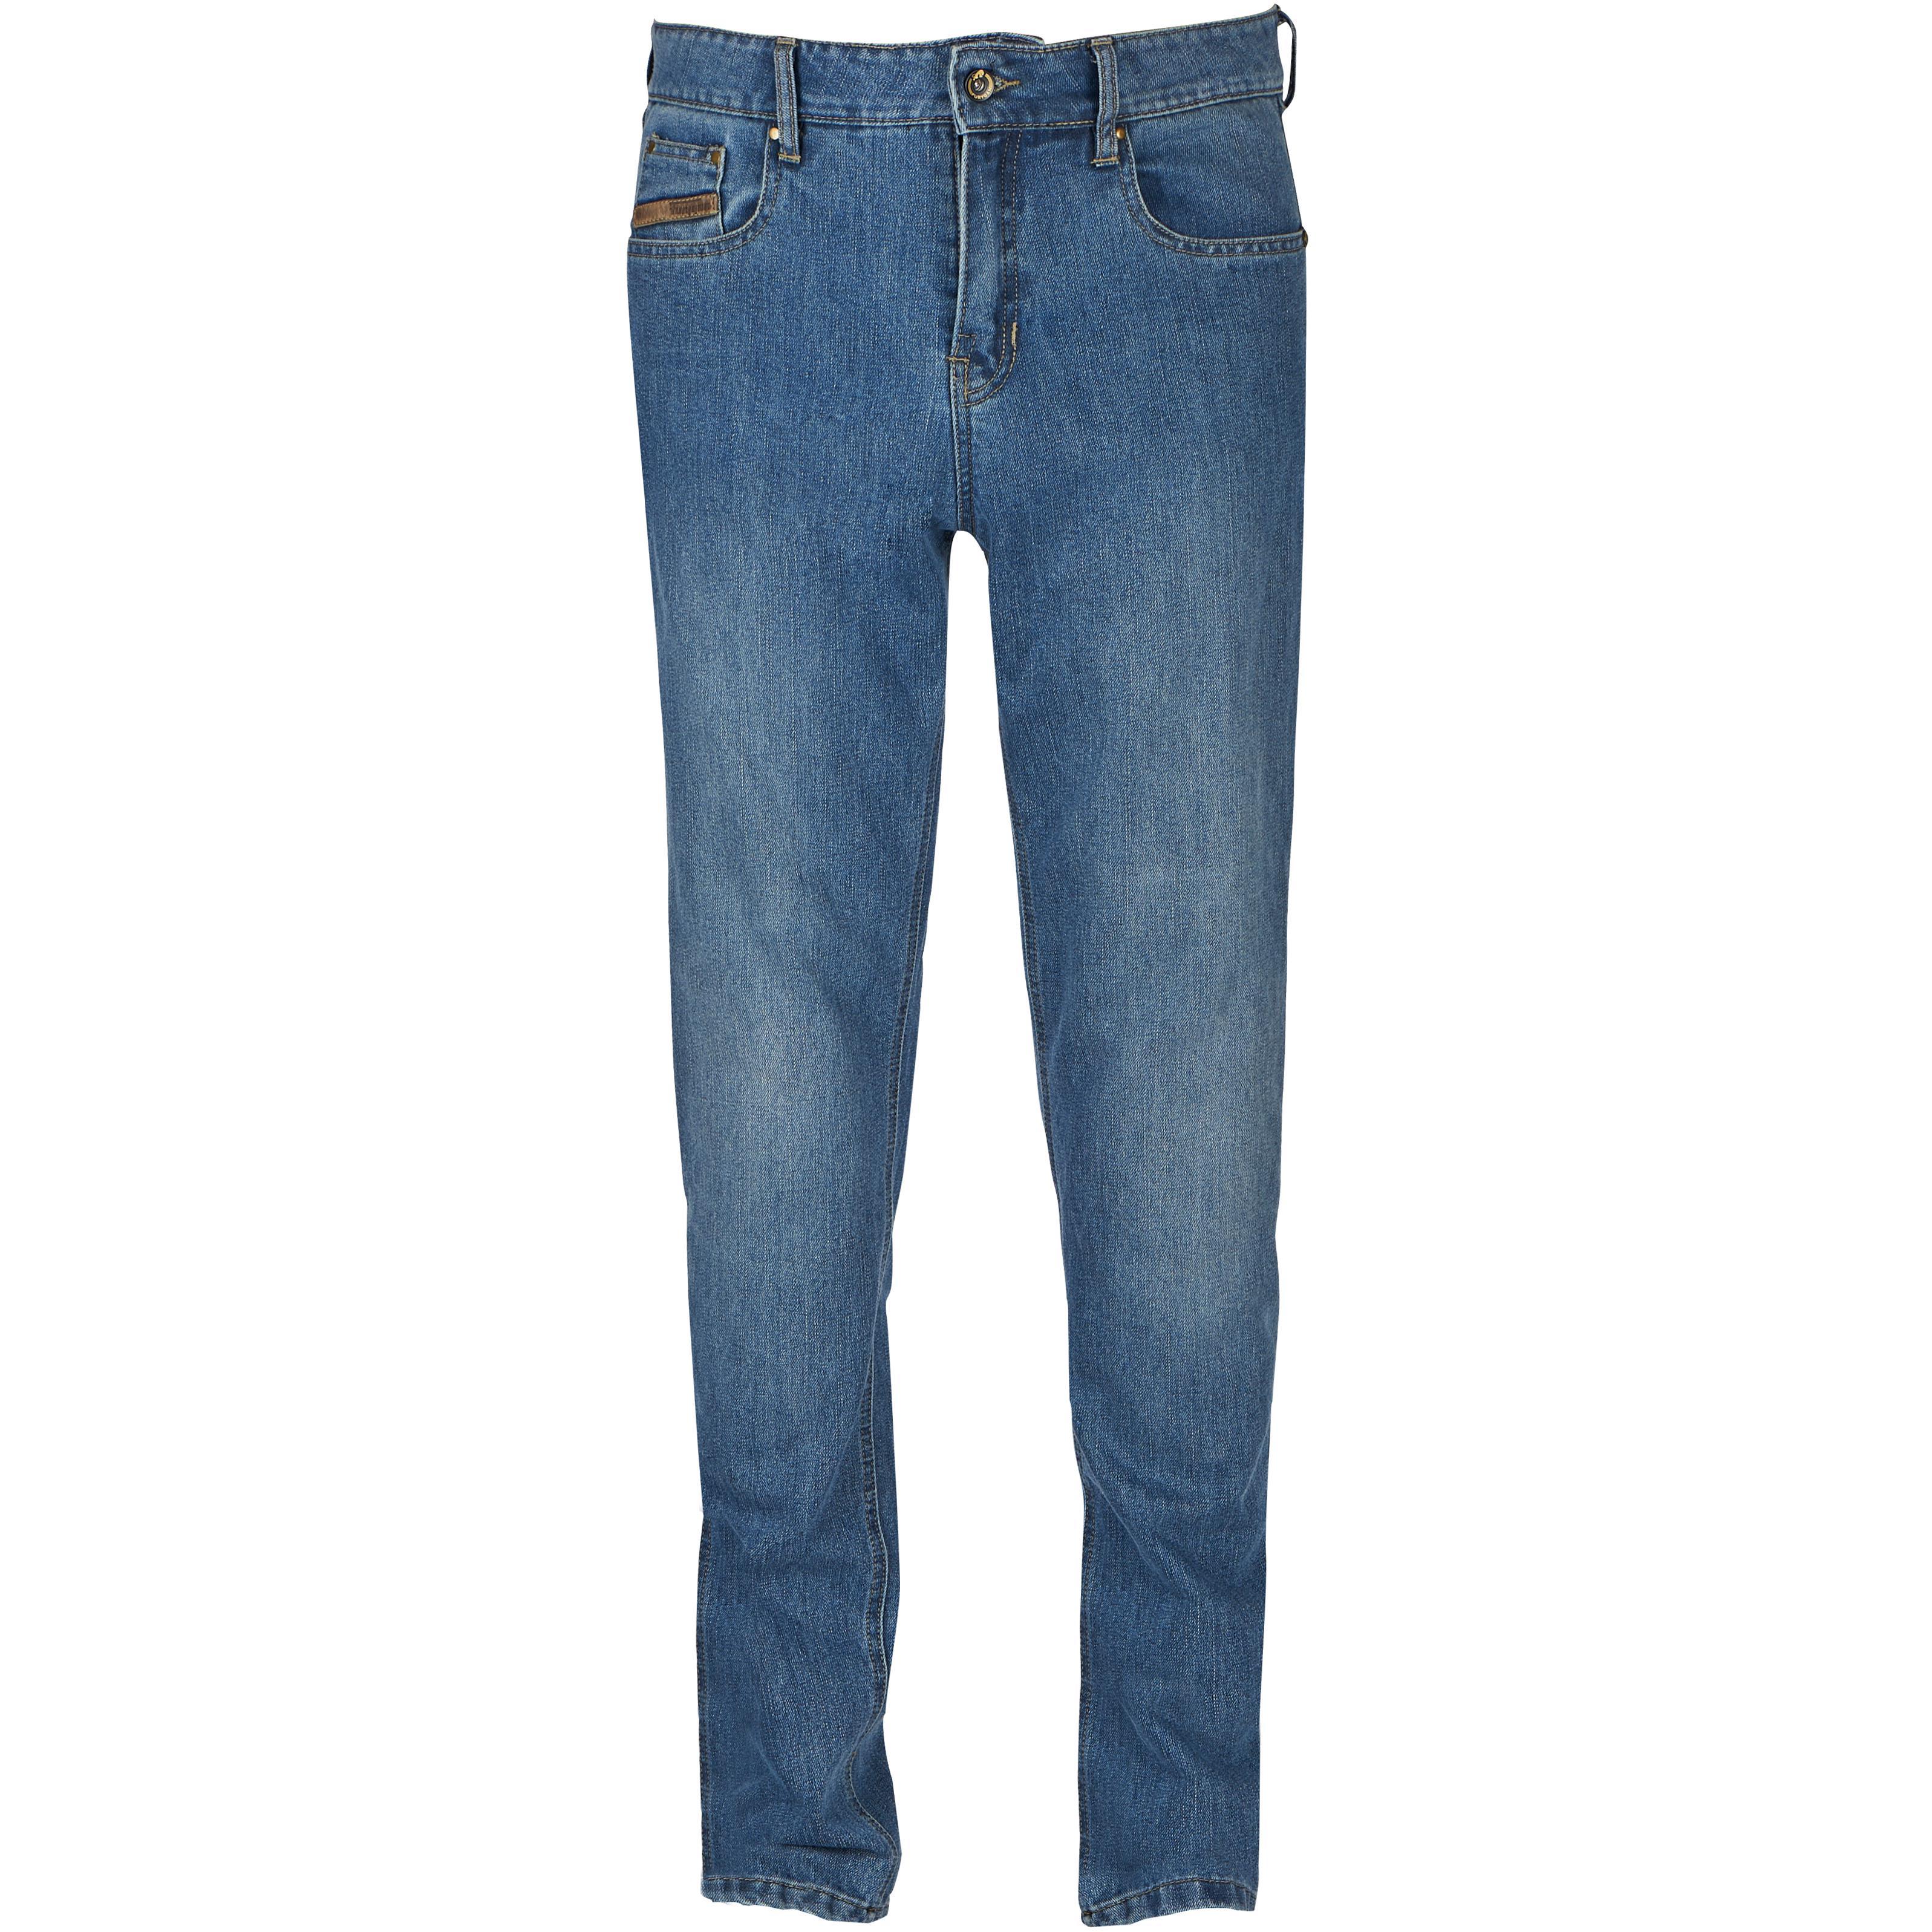 Jeans K11 X KEVLAR STRETCH GHOST FURYGAN